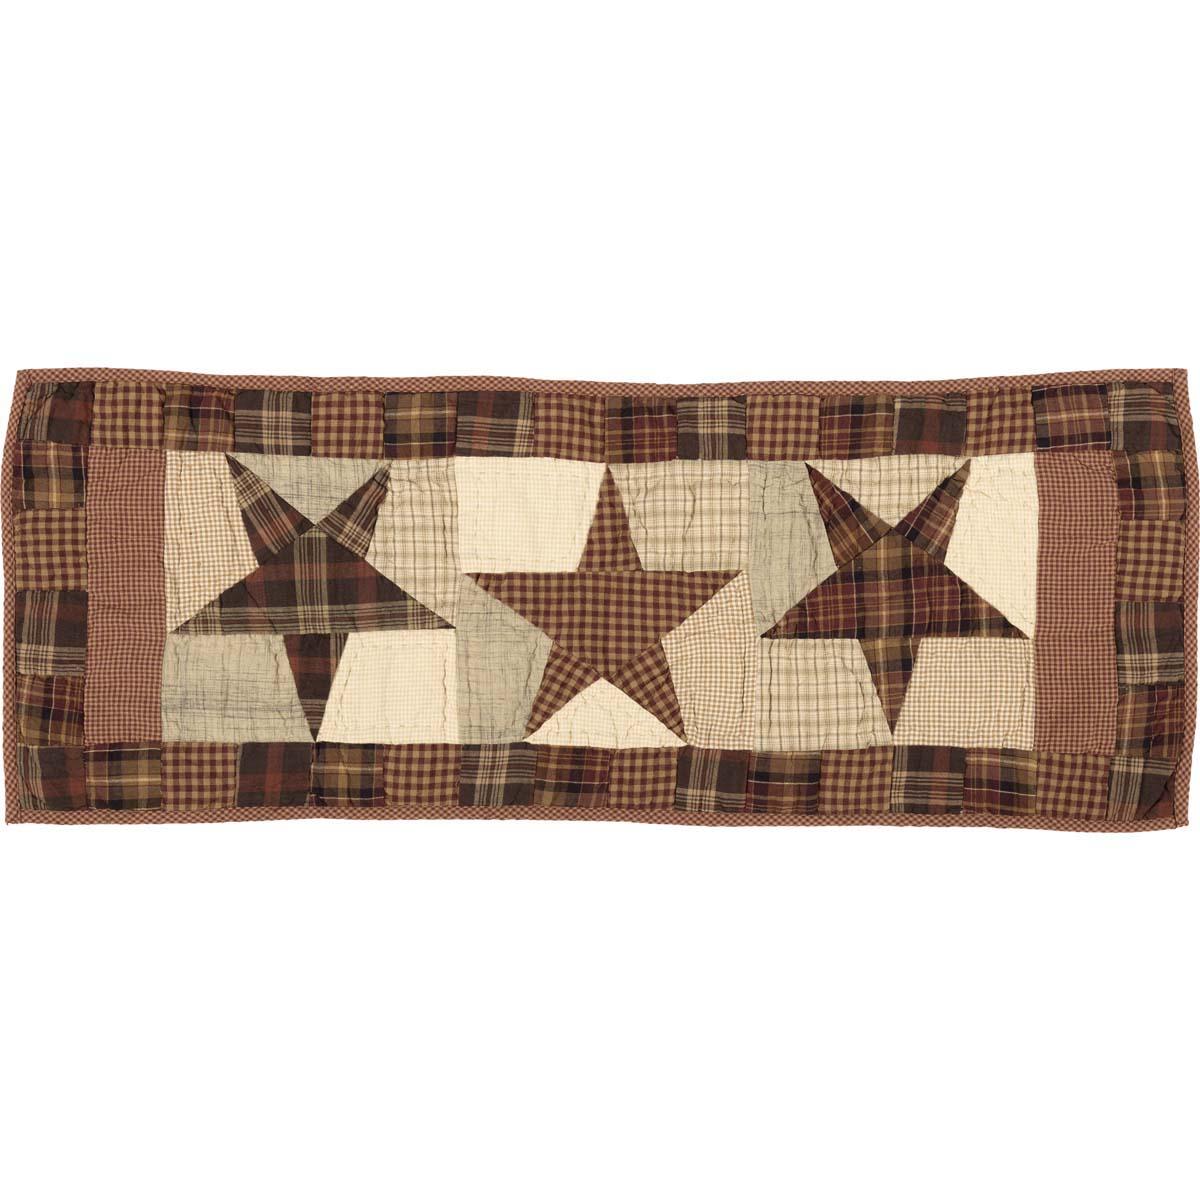 Abilene Star Quilted Runner 13x36